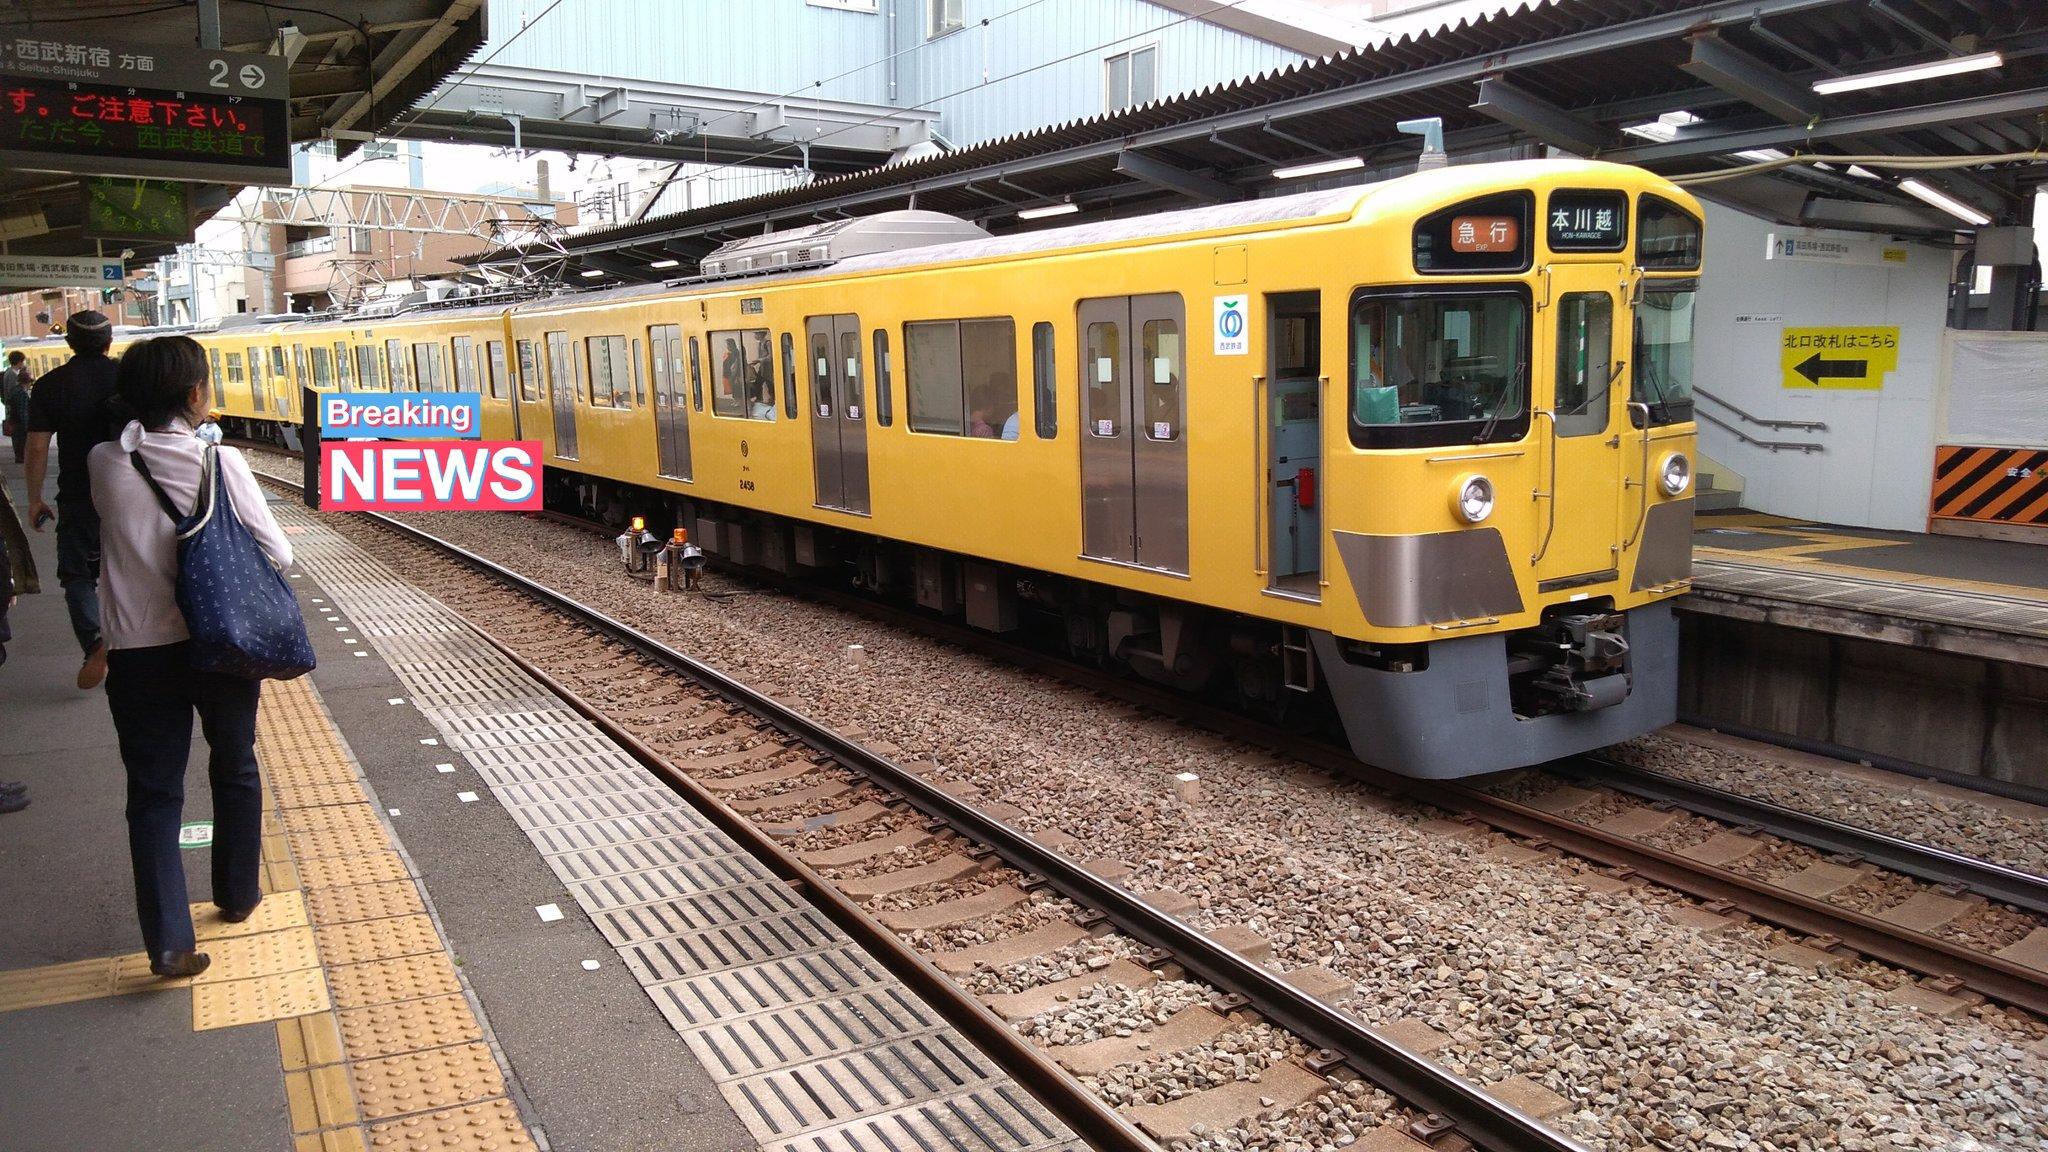 西武新宿線の新井薬師前駅で人身事故の現場画像